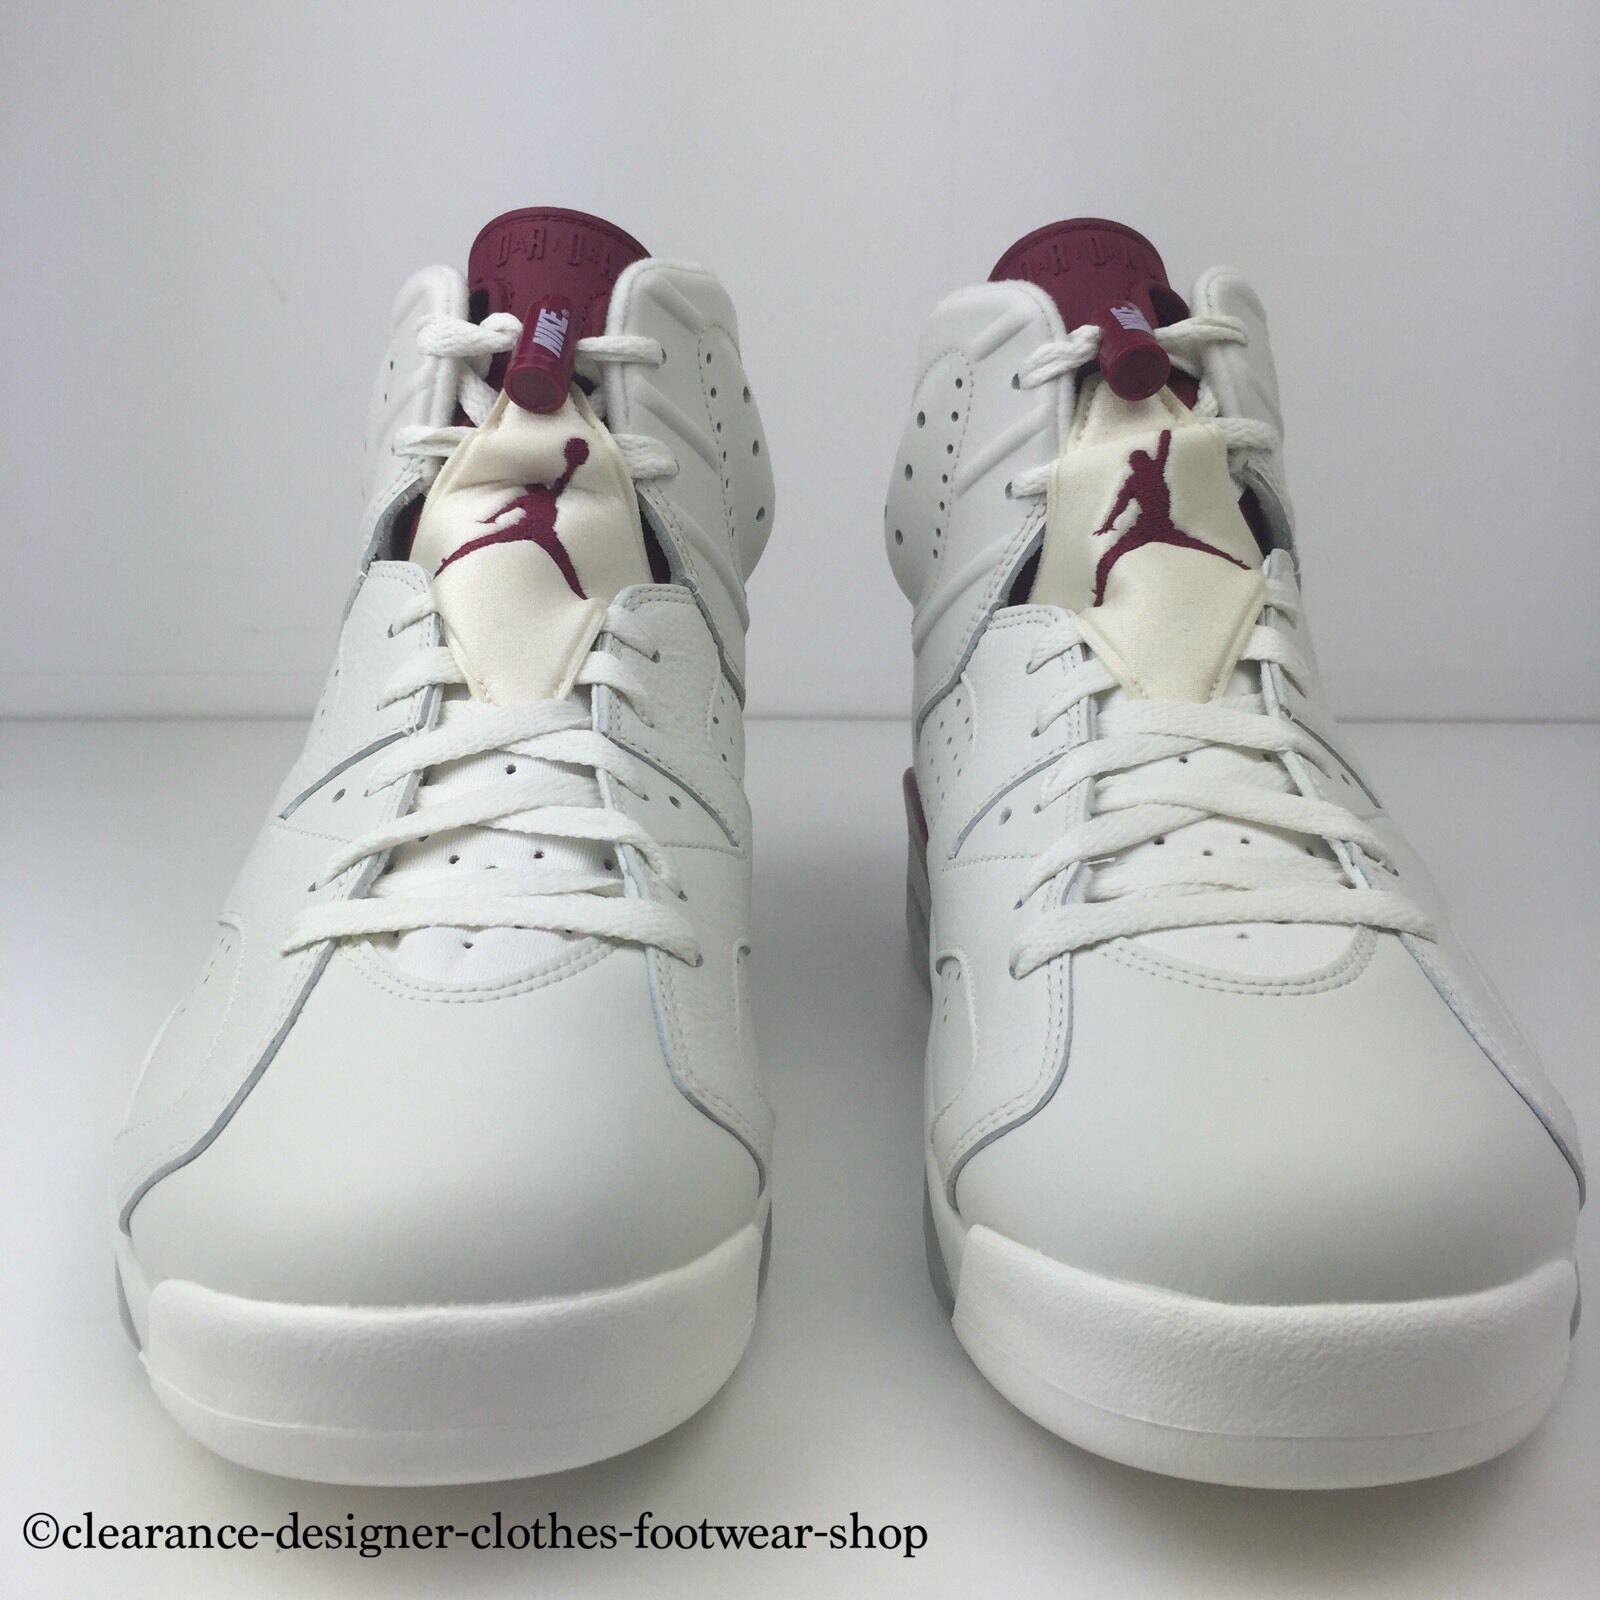 NIKE AIR JORDAN 6 RETRO RETRO RETRO MAROON TRAINERS Hommes NEW Chaussures 10 6e189b